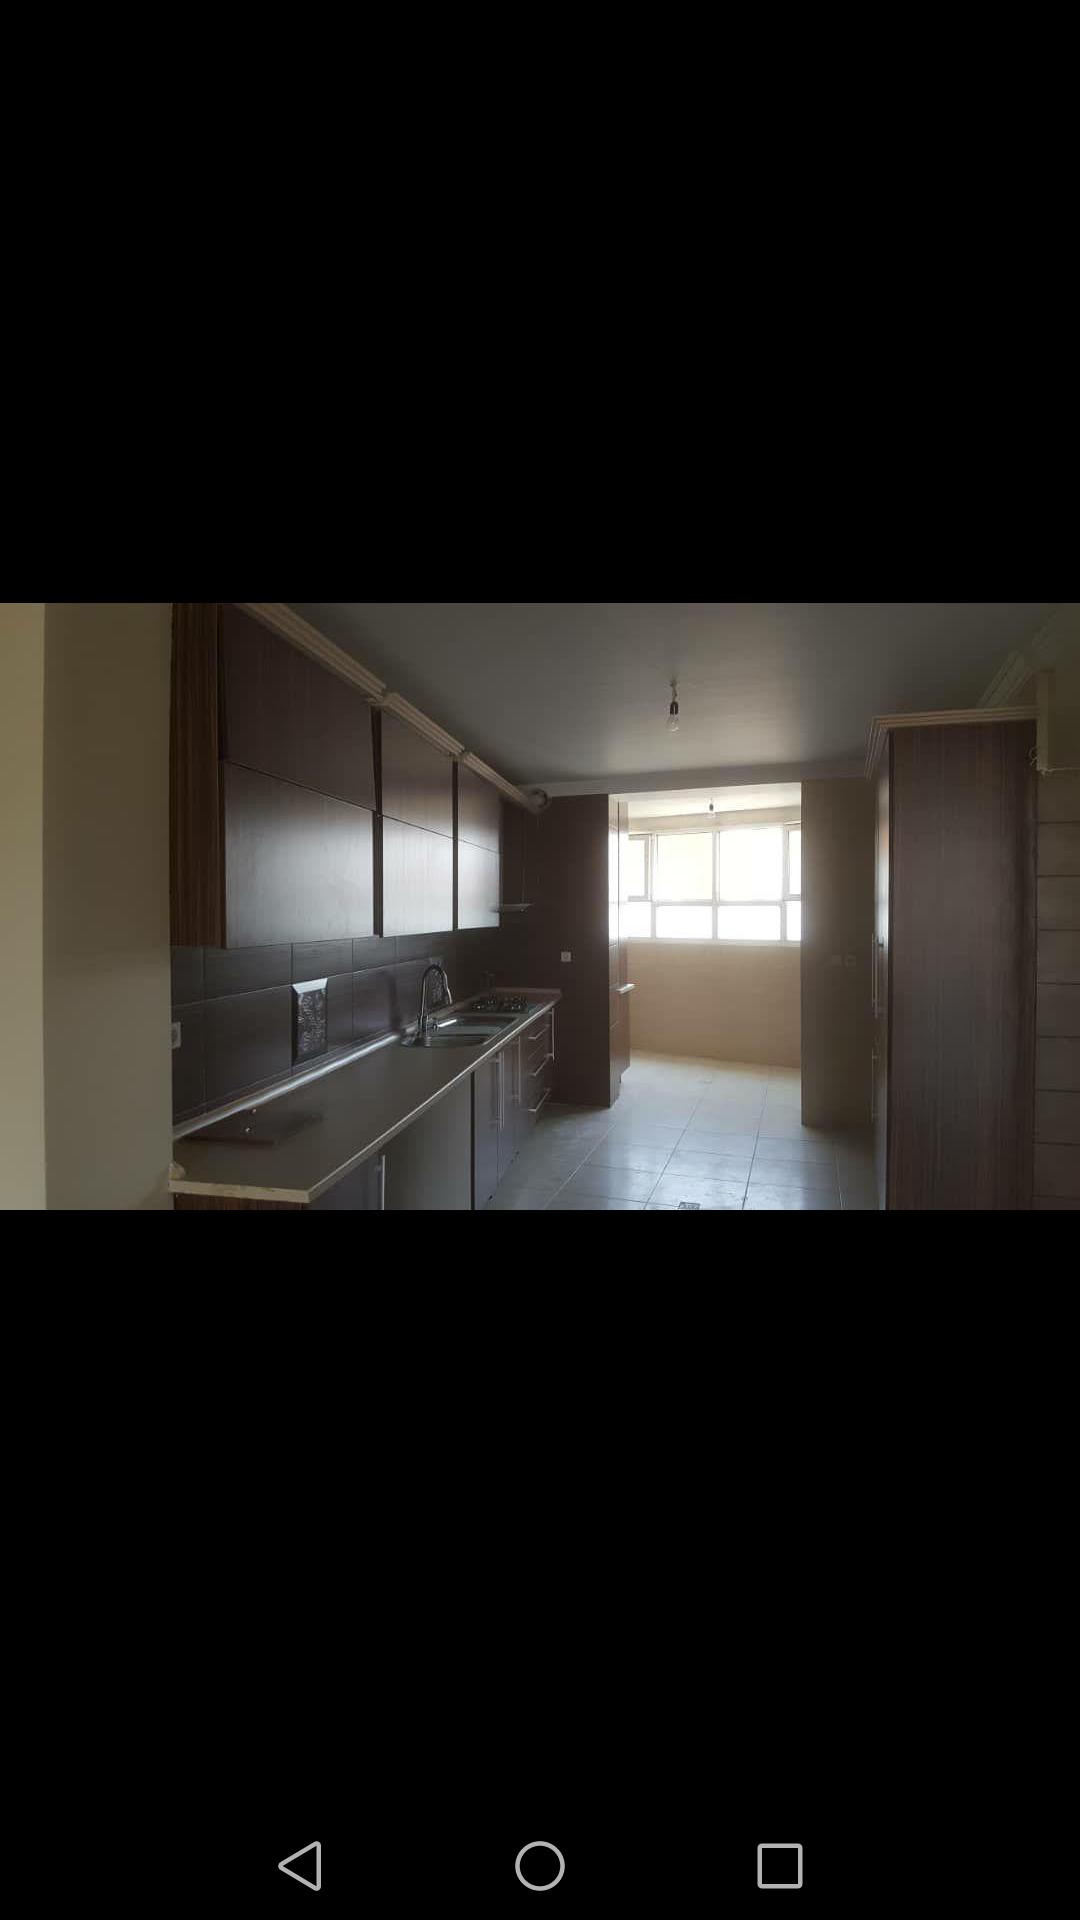 فروش اپارتمان در خیابان دقیقی اصفهان - خرید آپارتمان در اصفهان  سراملک